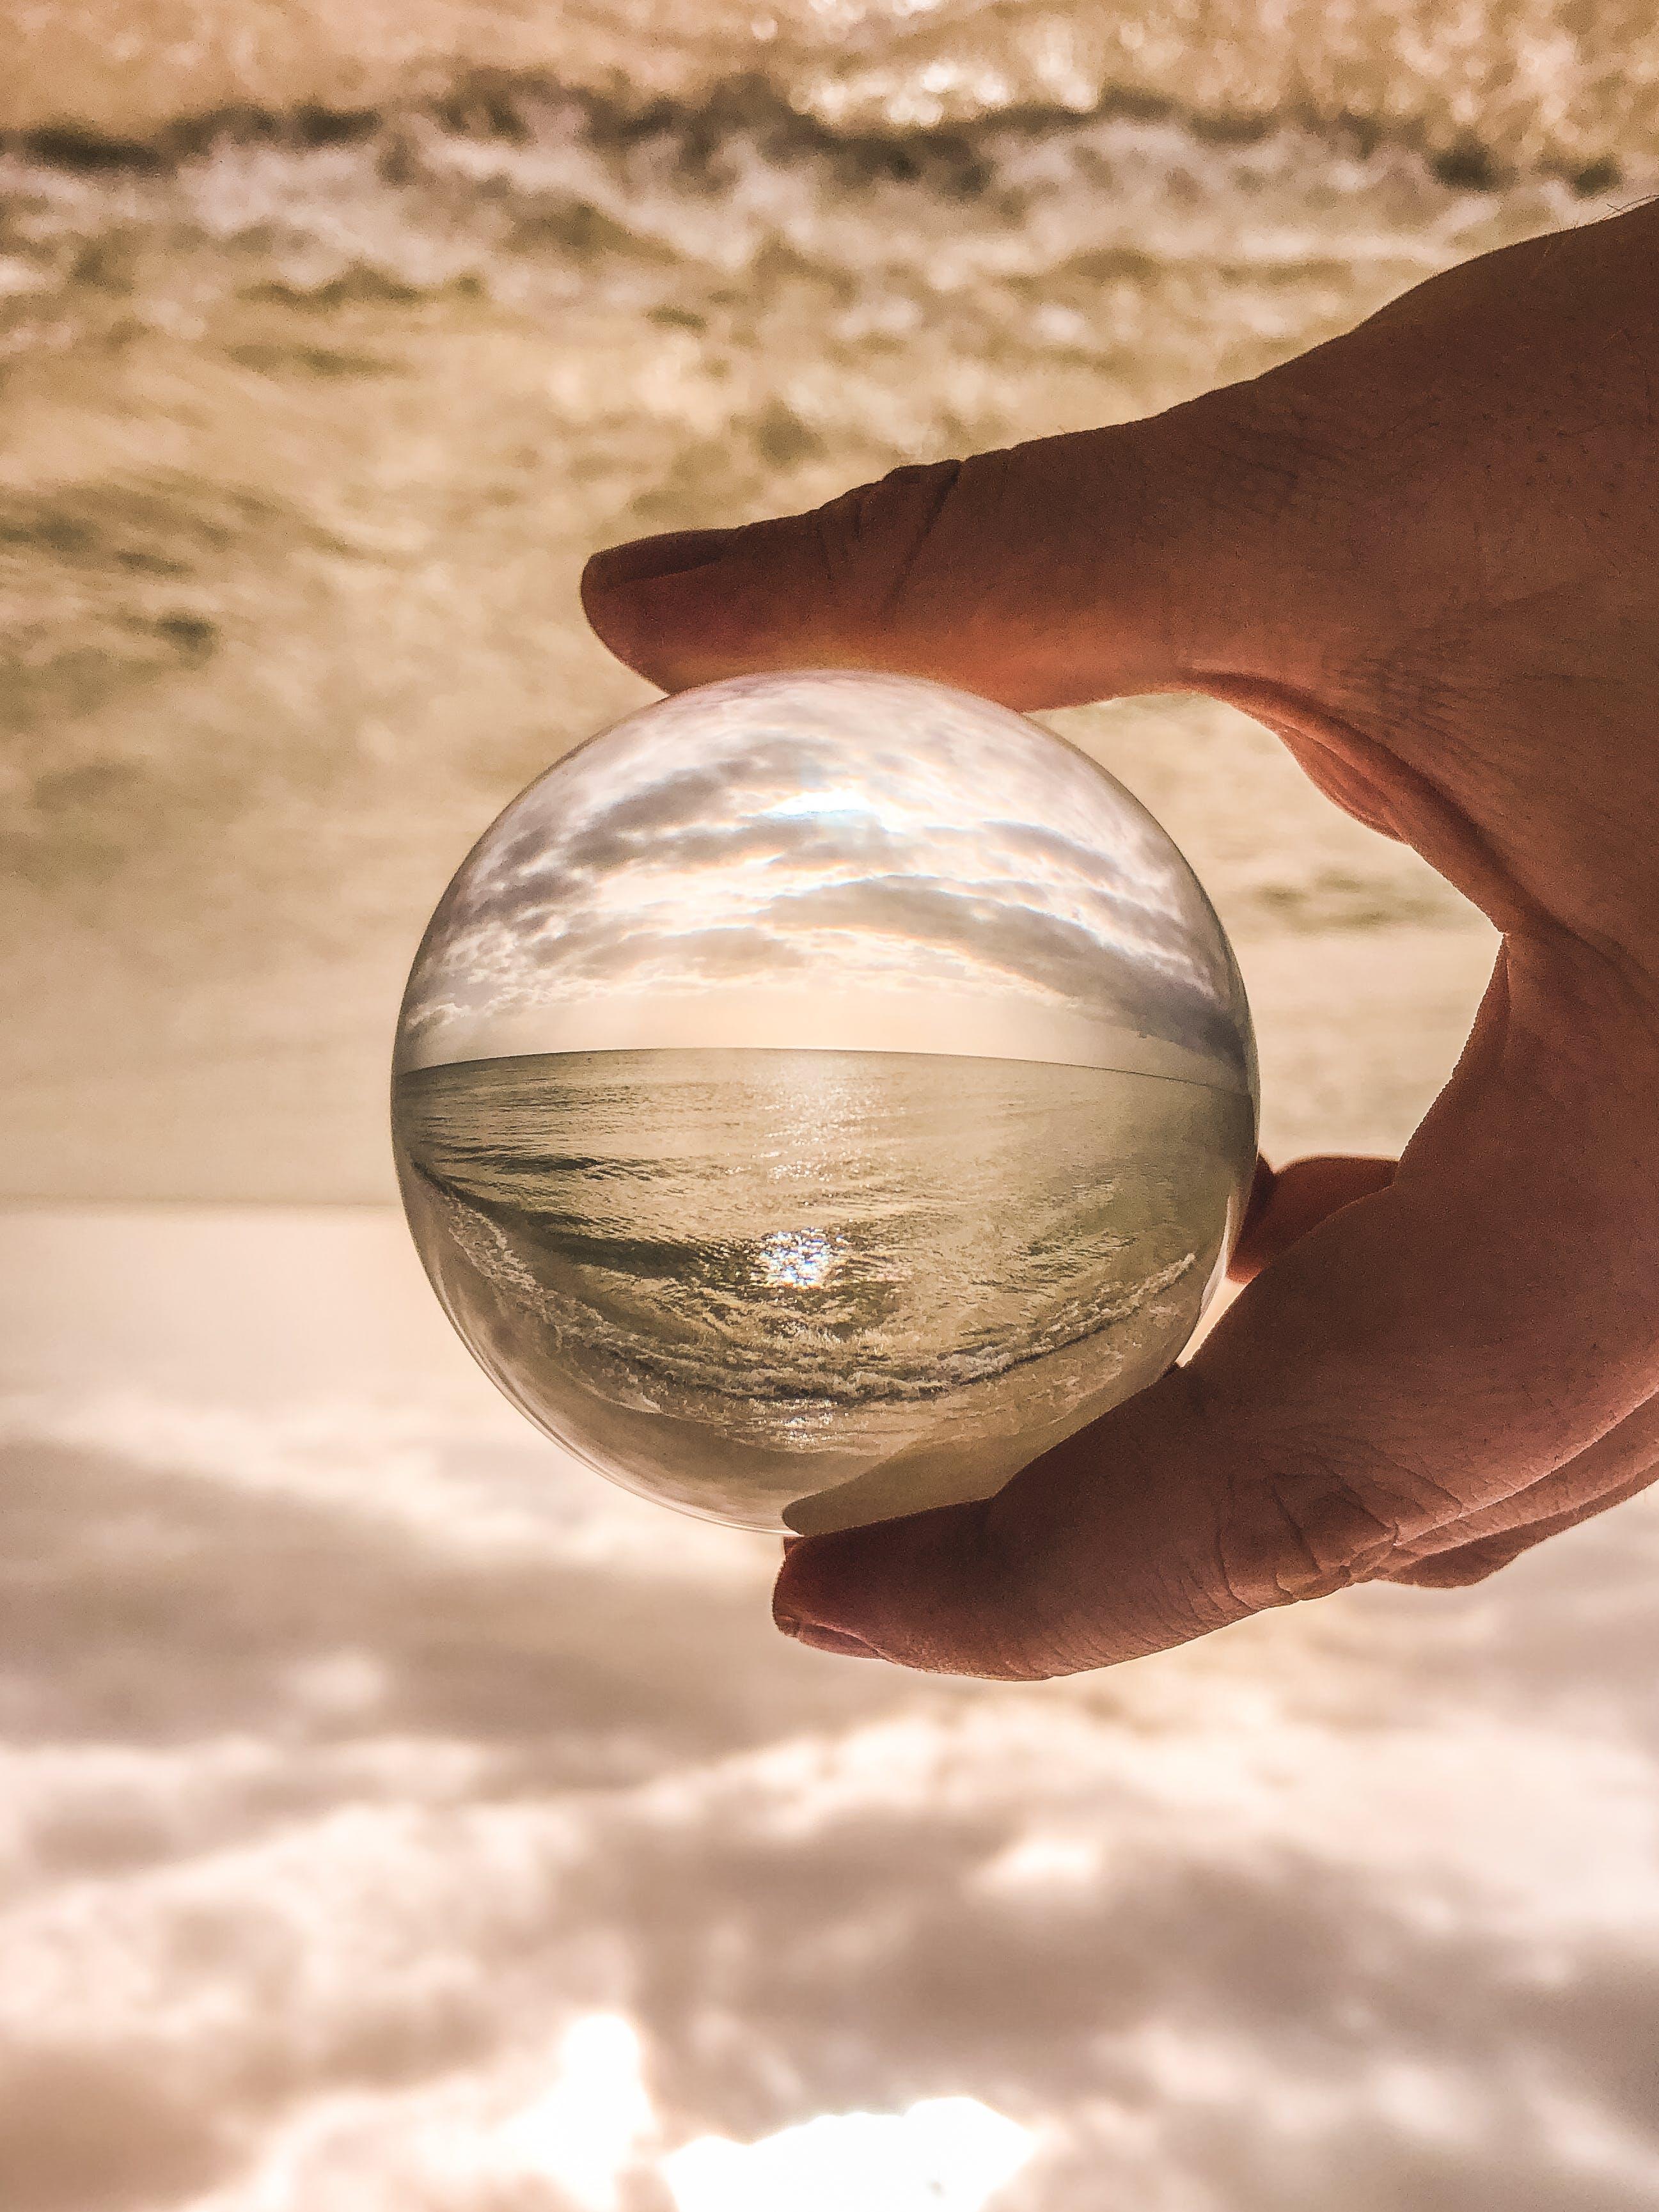 Gratis lagerfoto af hånd, hav, makro, sand